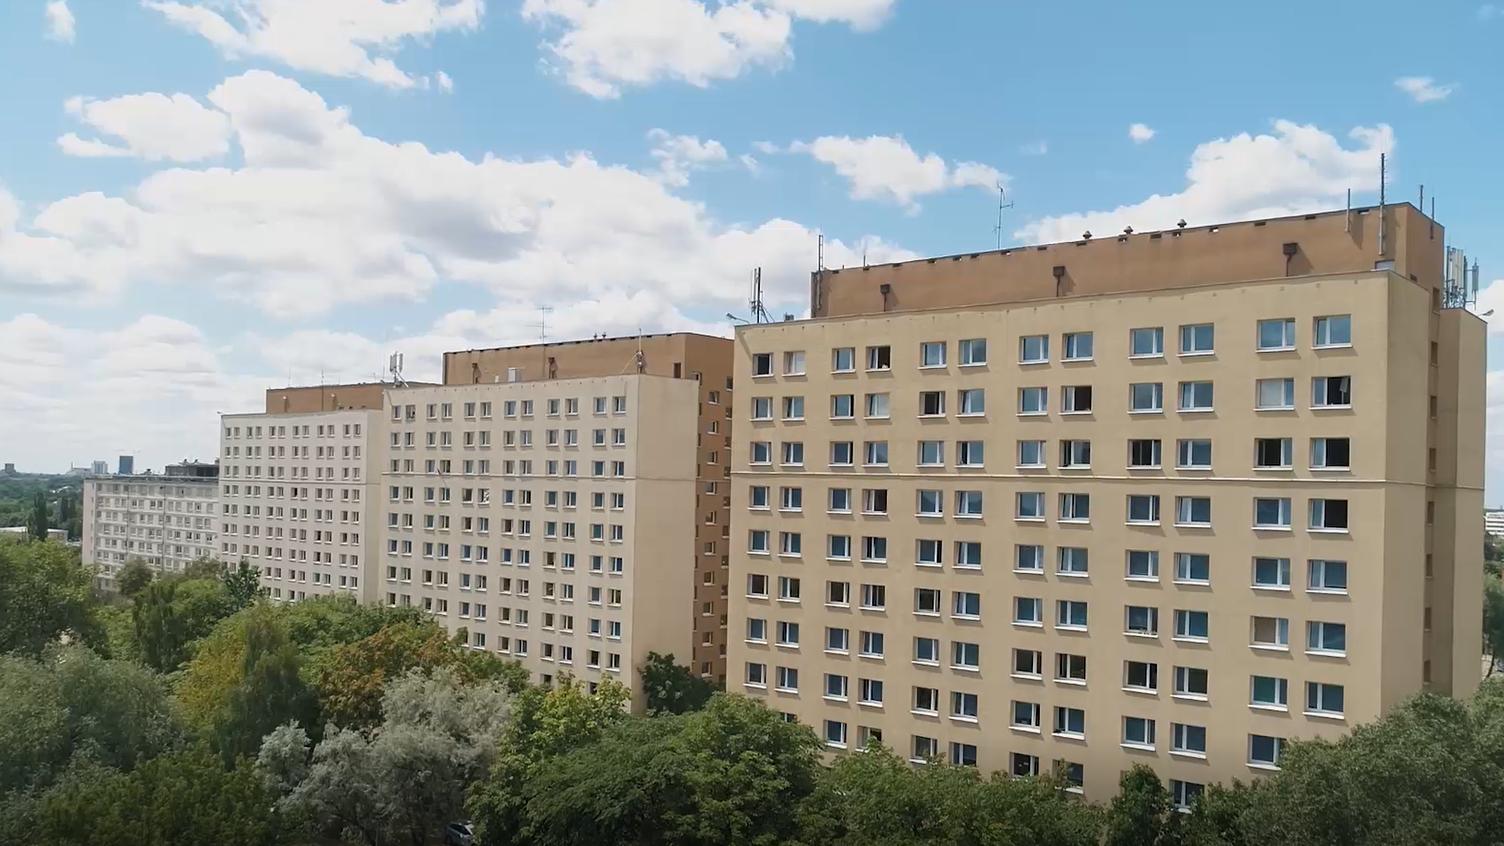 akademik jurand  Uniwersytetu Przyrodniczego w Poznaniu - UP Poznań